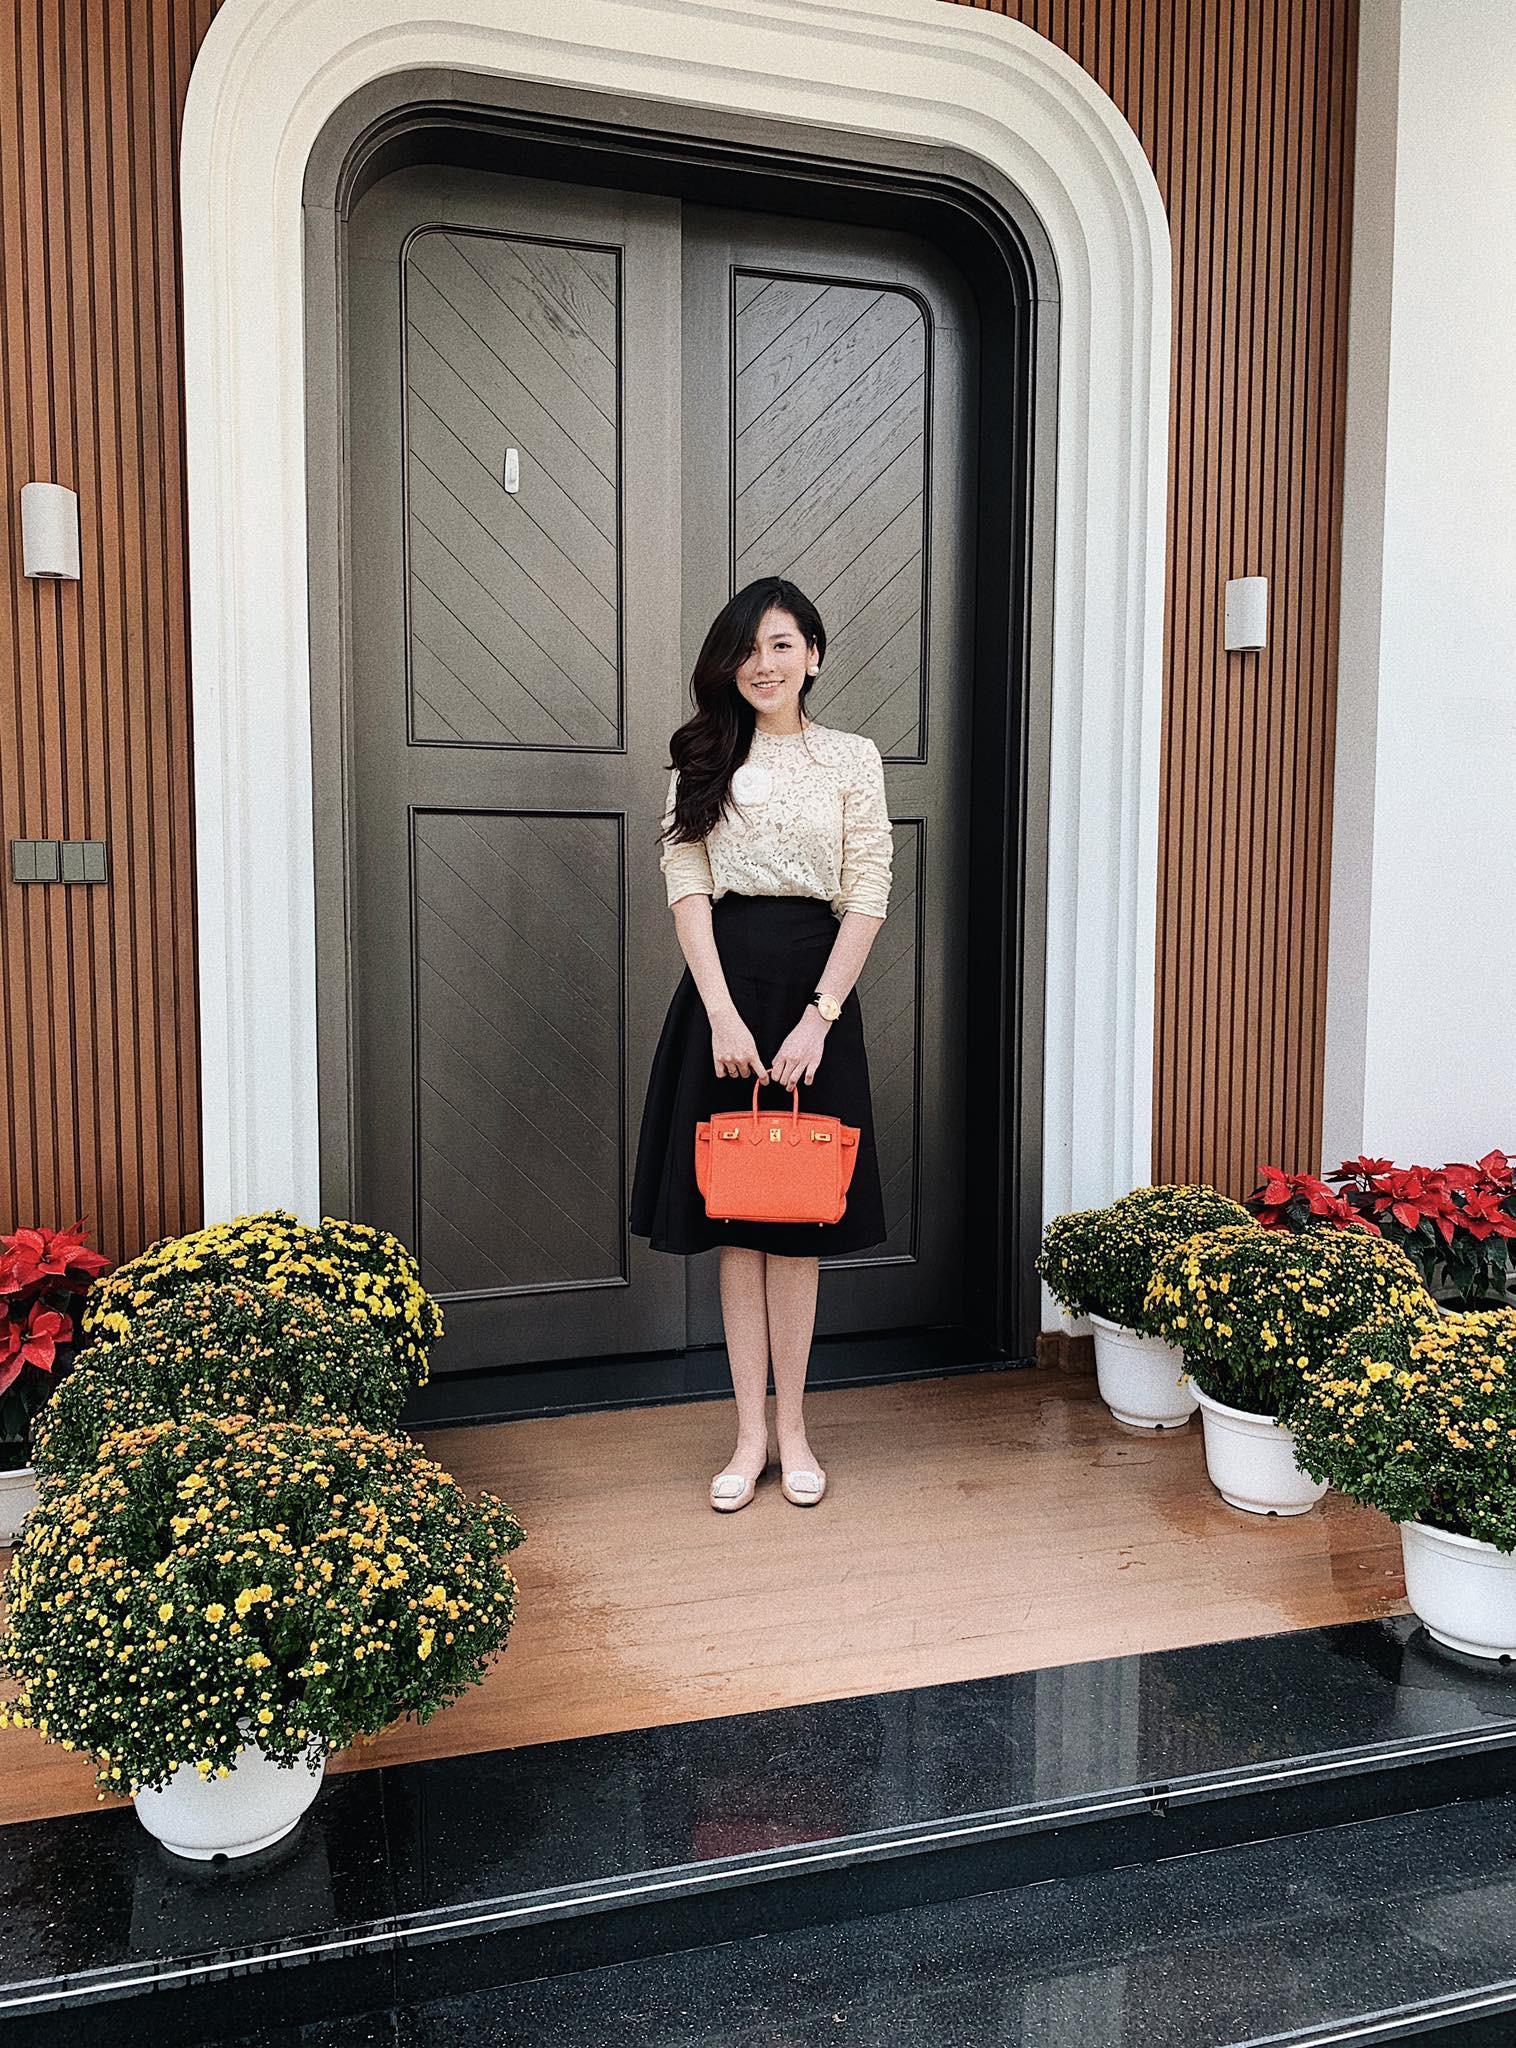 Tết đầu tiên bên gia đình chồng của mỹ nhân Việt: Người chứng minh đúng chuẩn vợ hiền dâu thảo, người xúng xính áo quần cùng chồng đi du xuân - Ảnh 7.